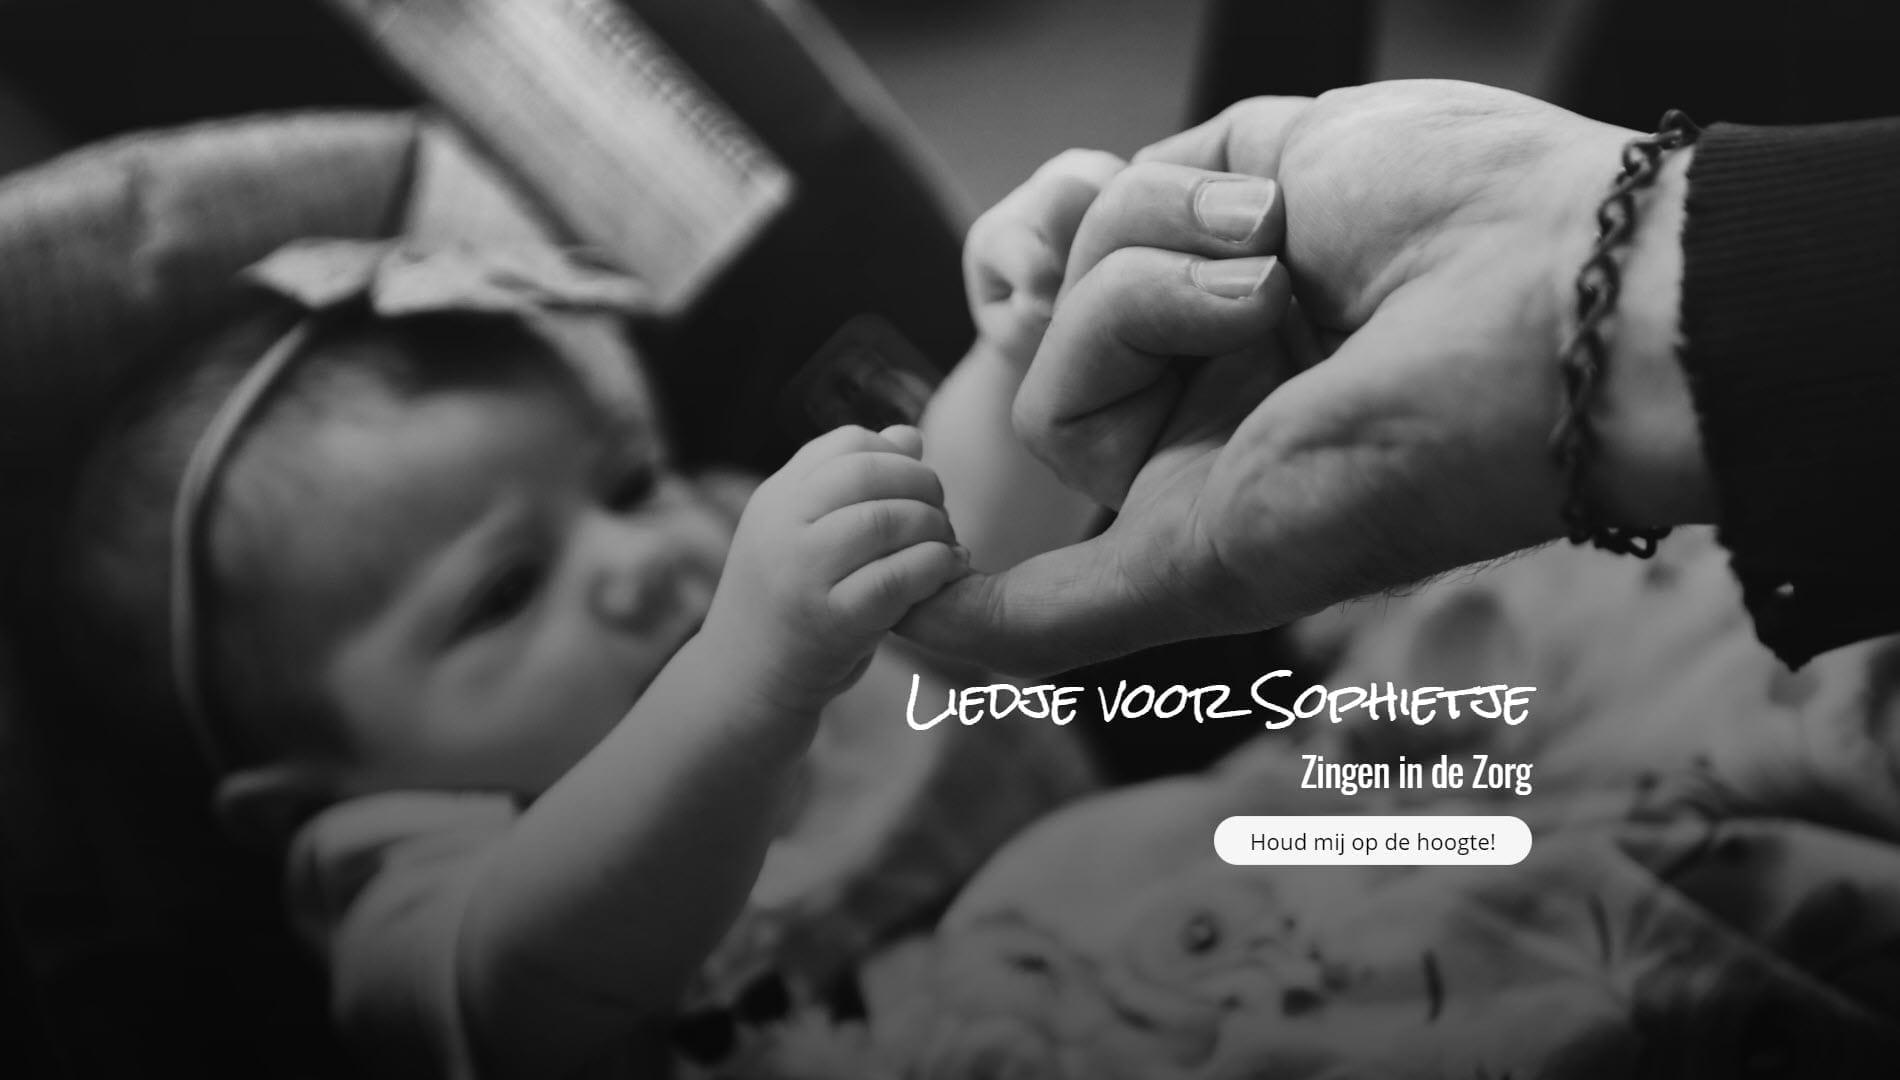 Website LiedjevoorSophietje